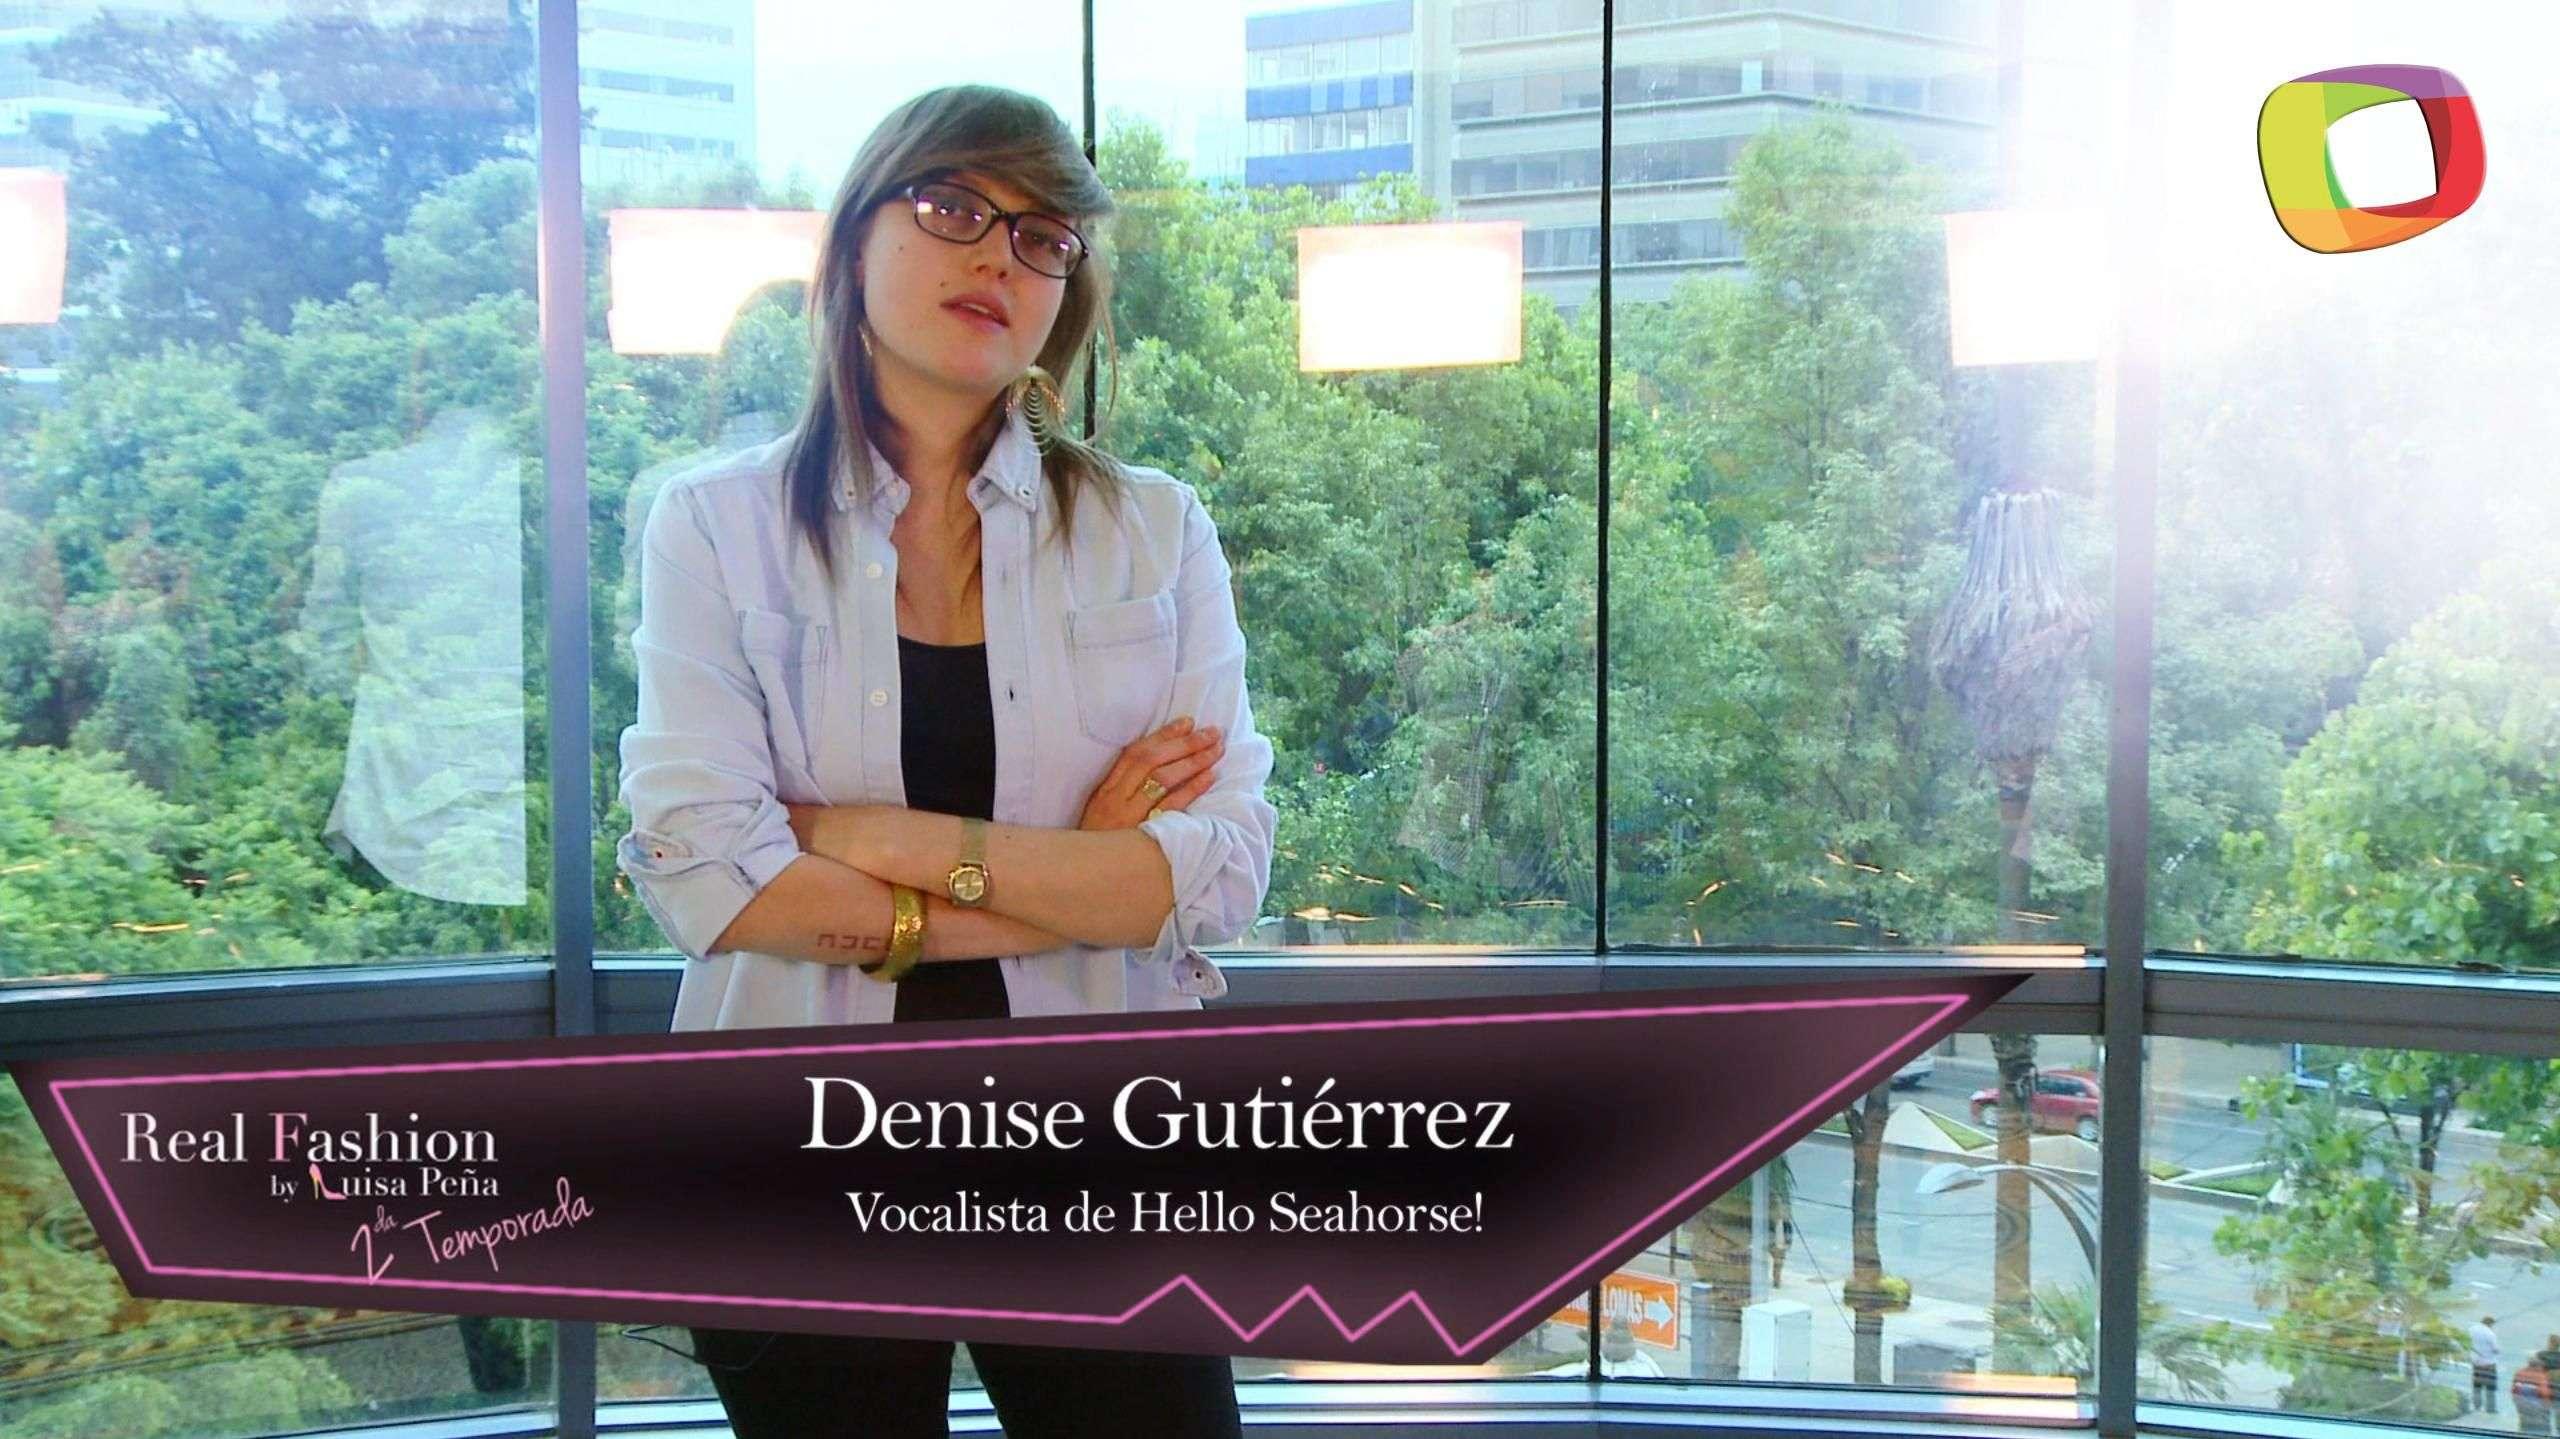 Conoce el estilo de la cantante Denise Gutiérrez en Real Fashion